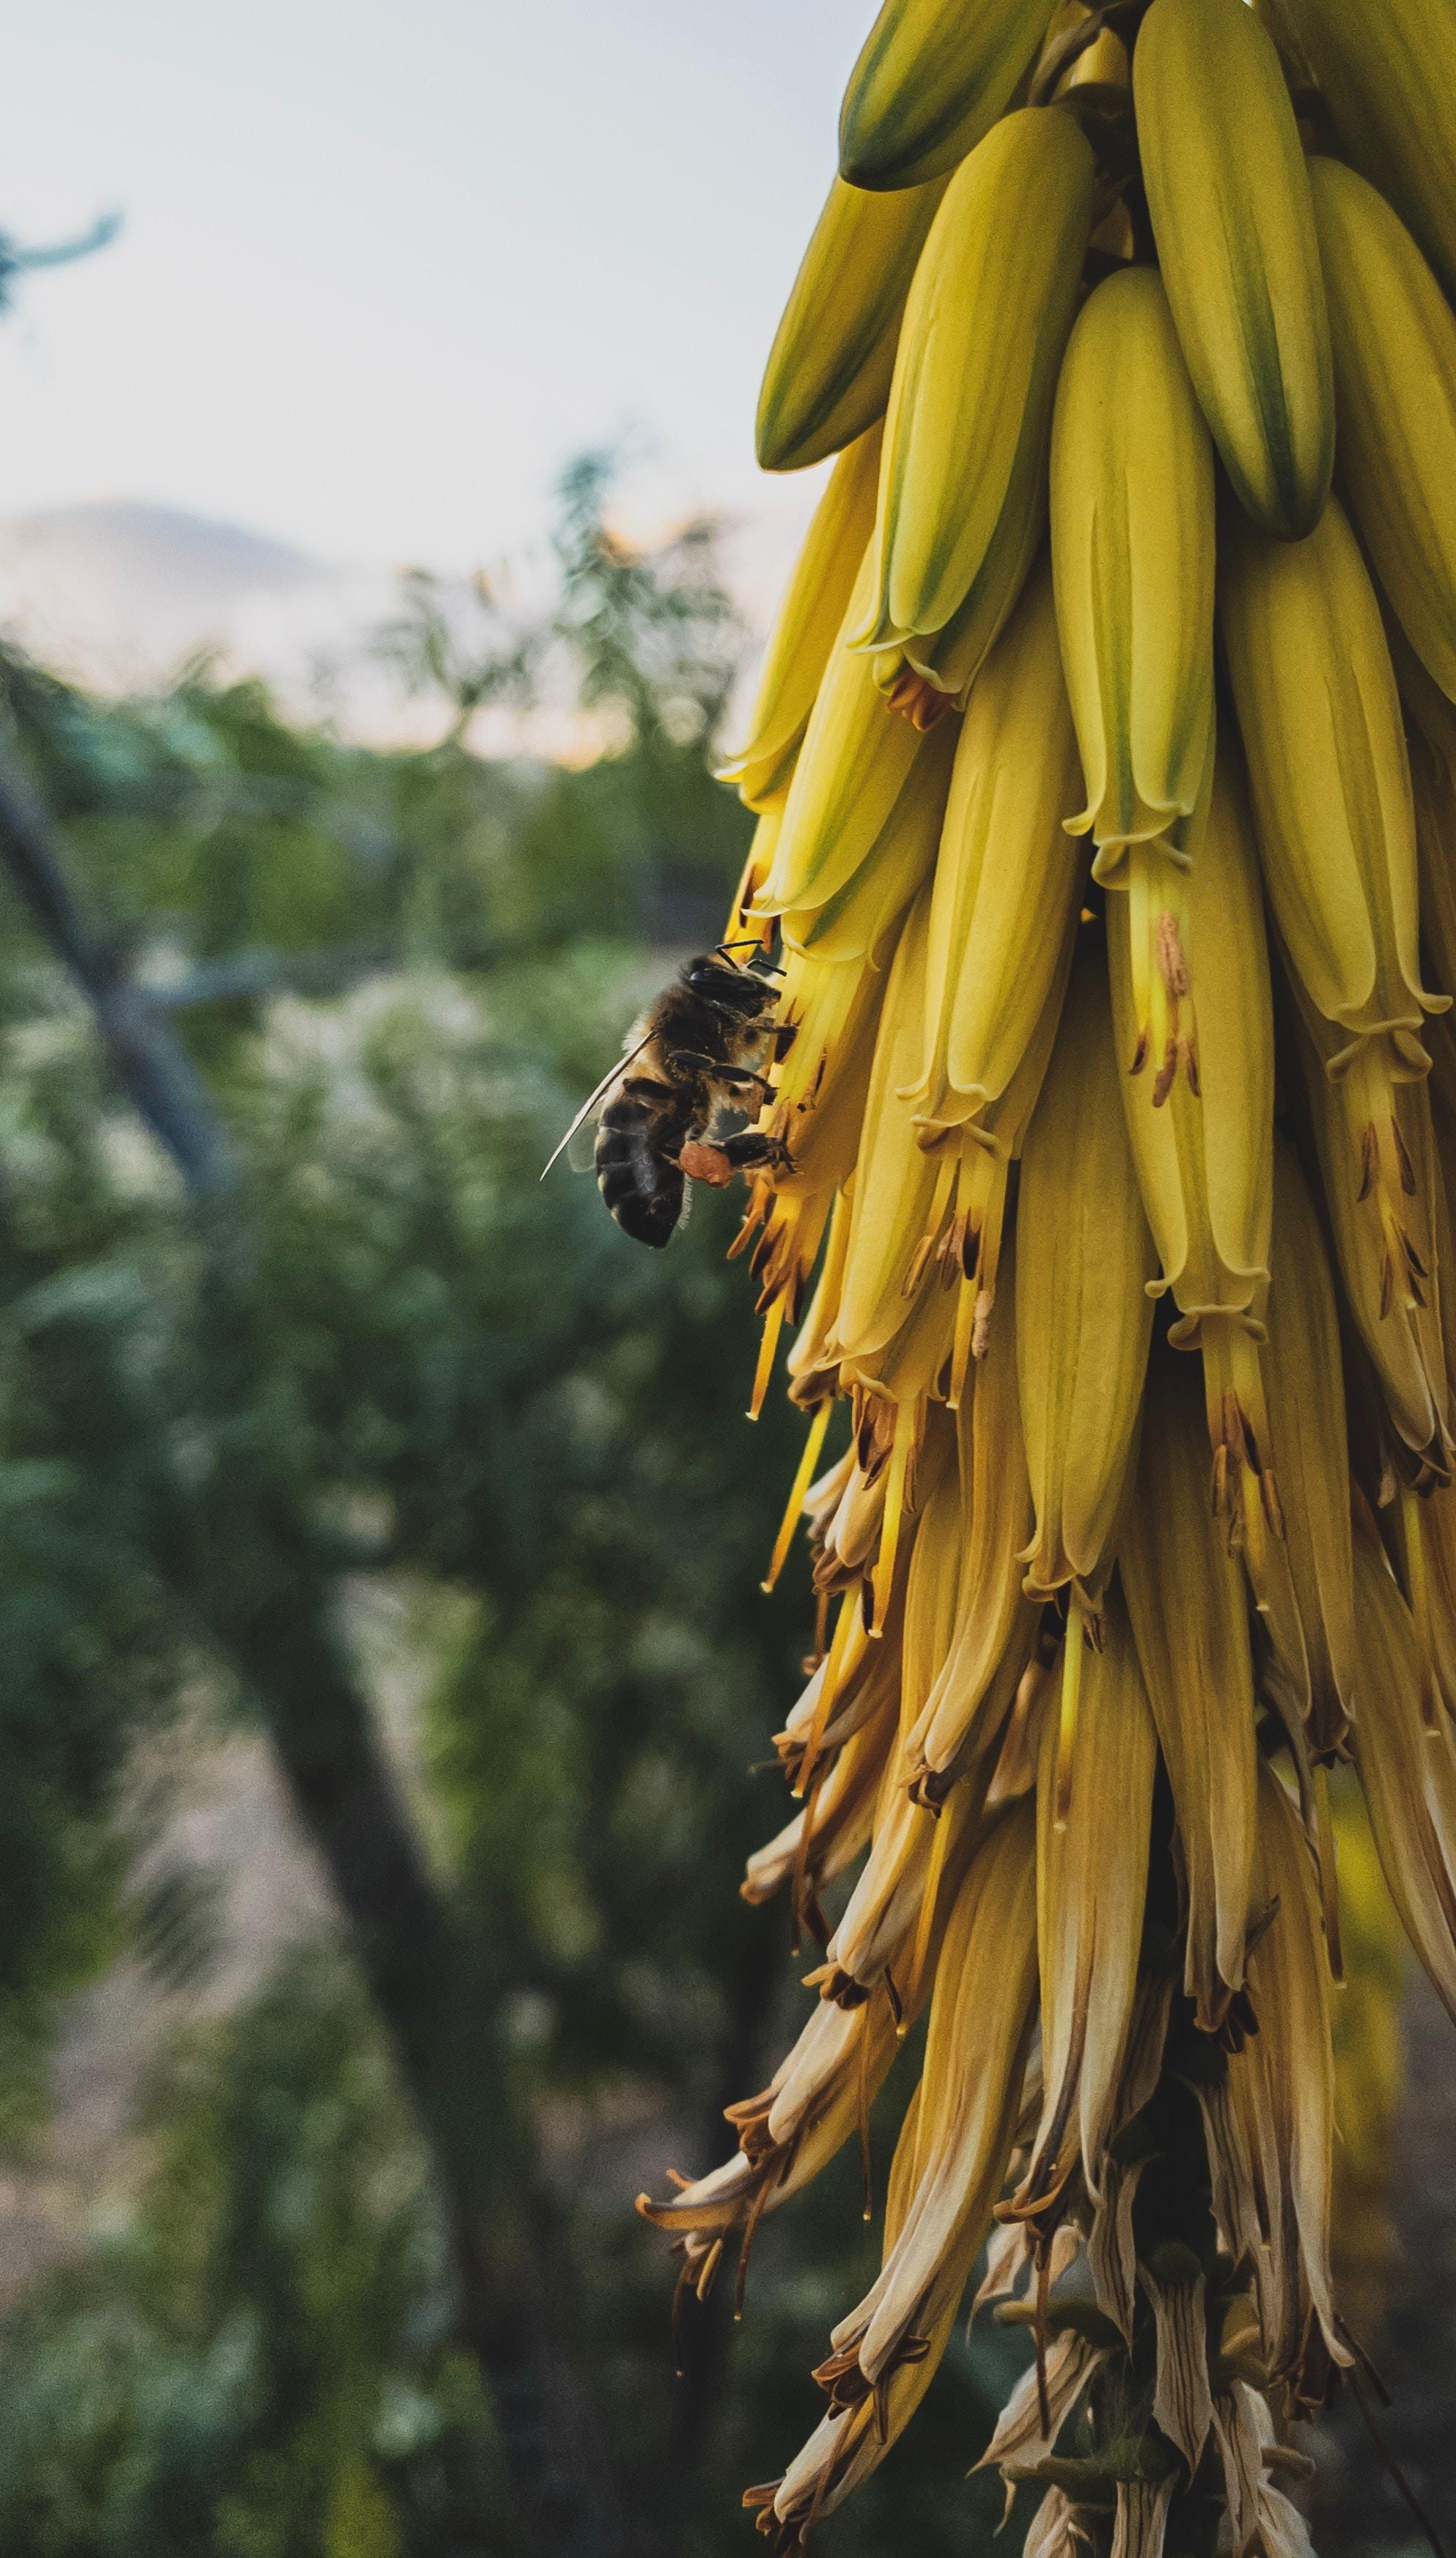 手機的114226屏保和壁紙昆虫。 免費下載 宏, 花序, 蜜蜂, 昆虫, 黄色的, 花卉 圖片